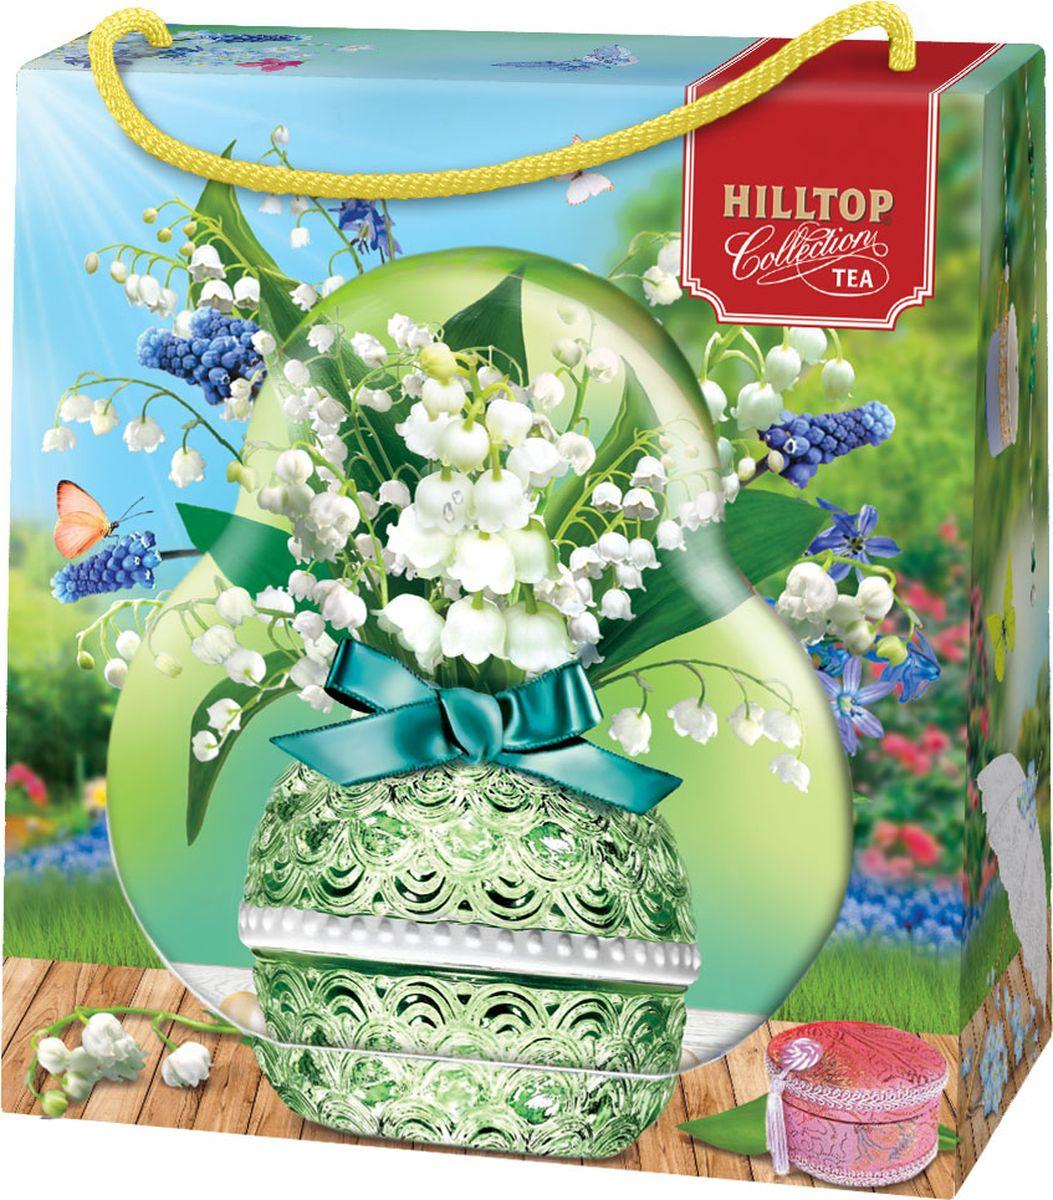 Подарочный чайный набор Hilltop Королевское золото Весенний сюрприз Фантазия, в футляре Ландыш, 50 г hilltop новогодние подарки чайный набор